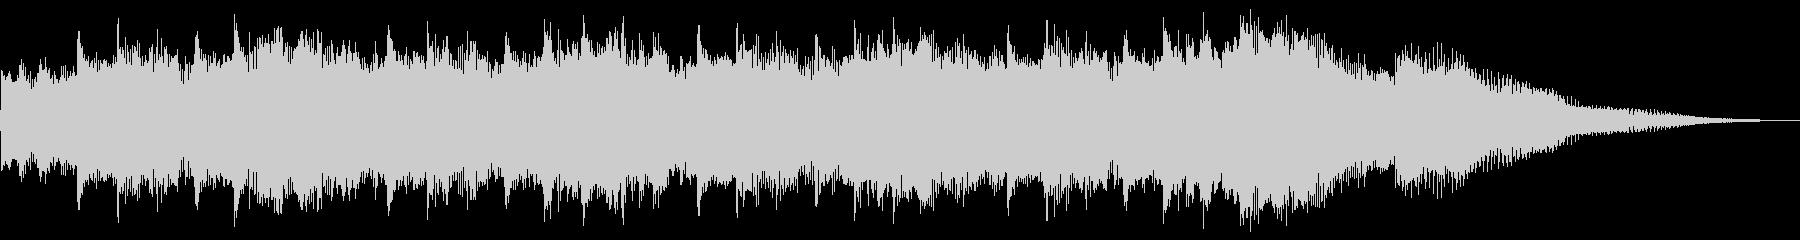 シンセのリフレイン(ロゴ/ジングル)の未再生の波形